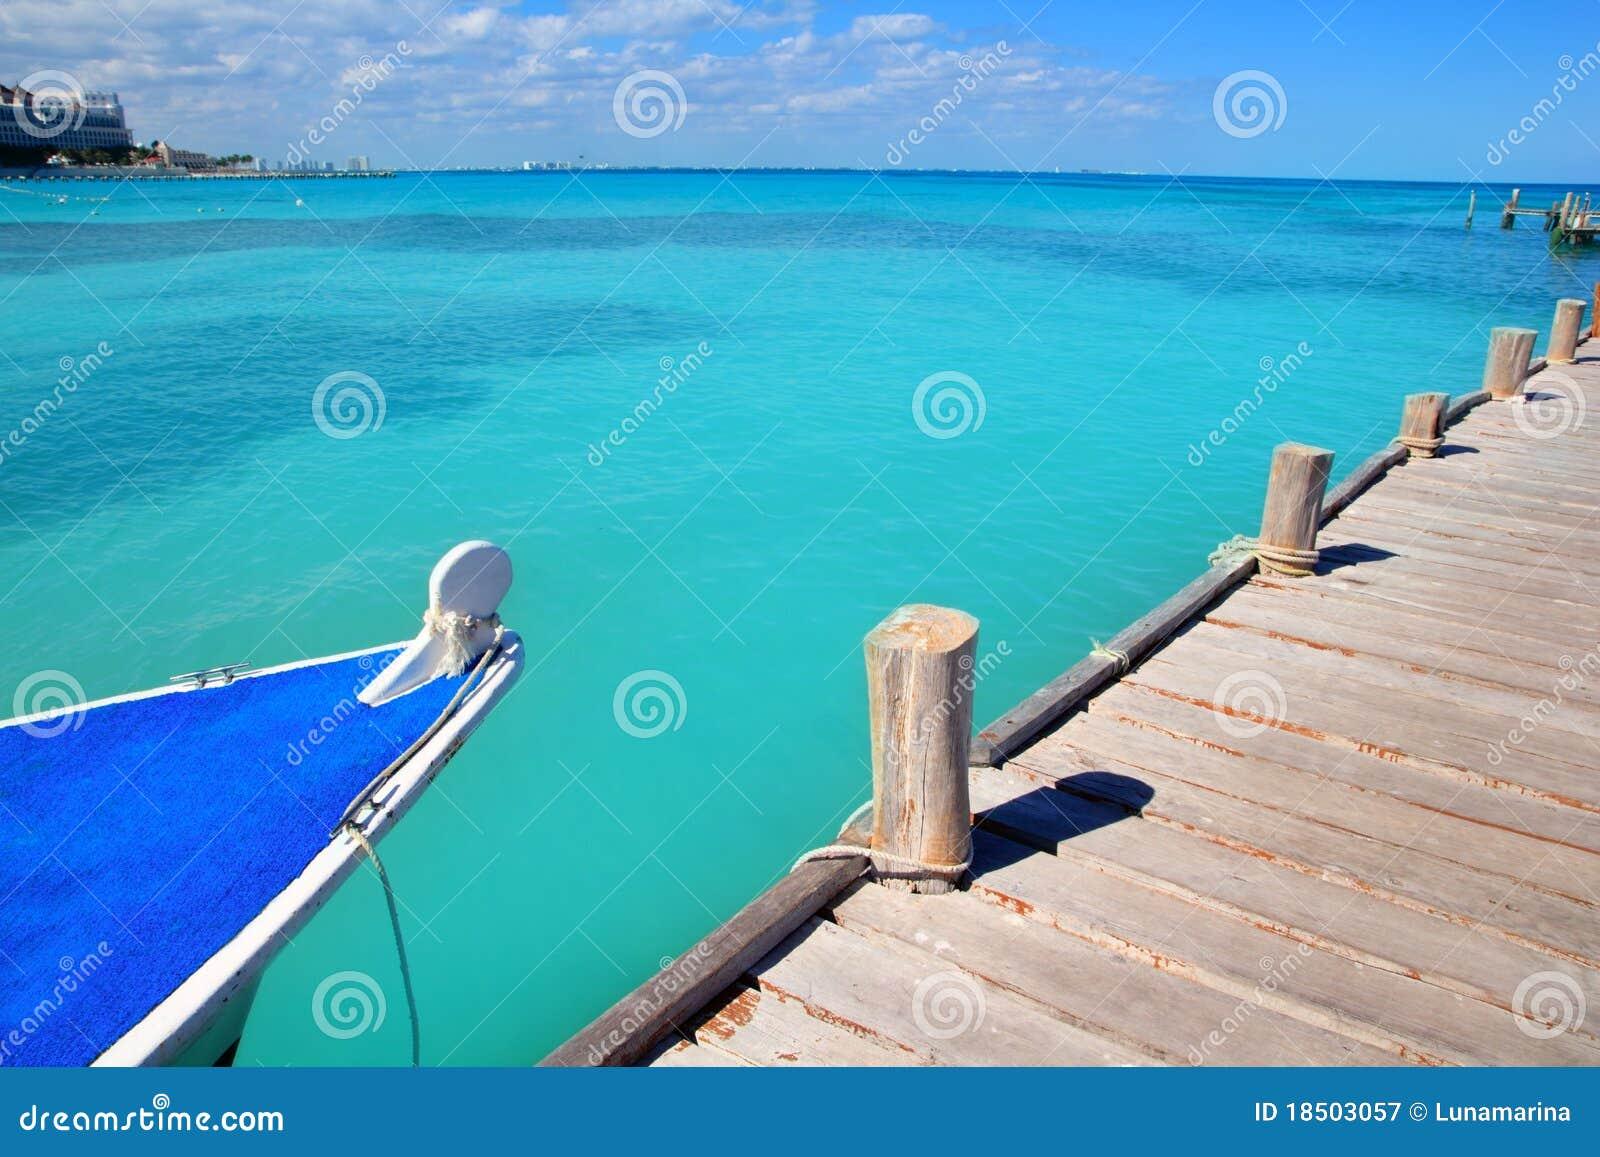 Bateau en mer des Caraïbes tropicale de Cancun de jetée en bois